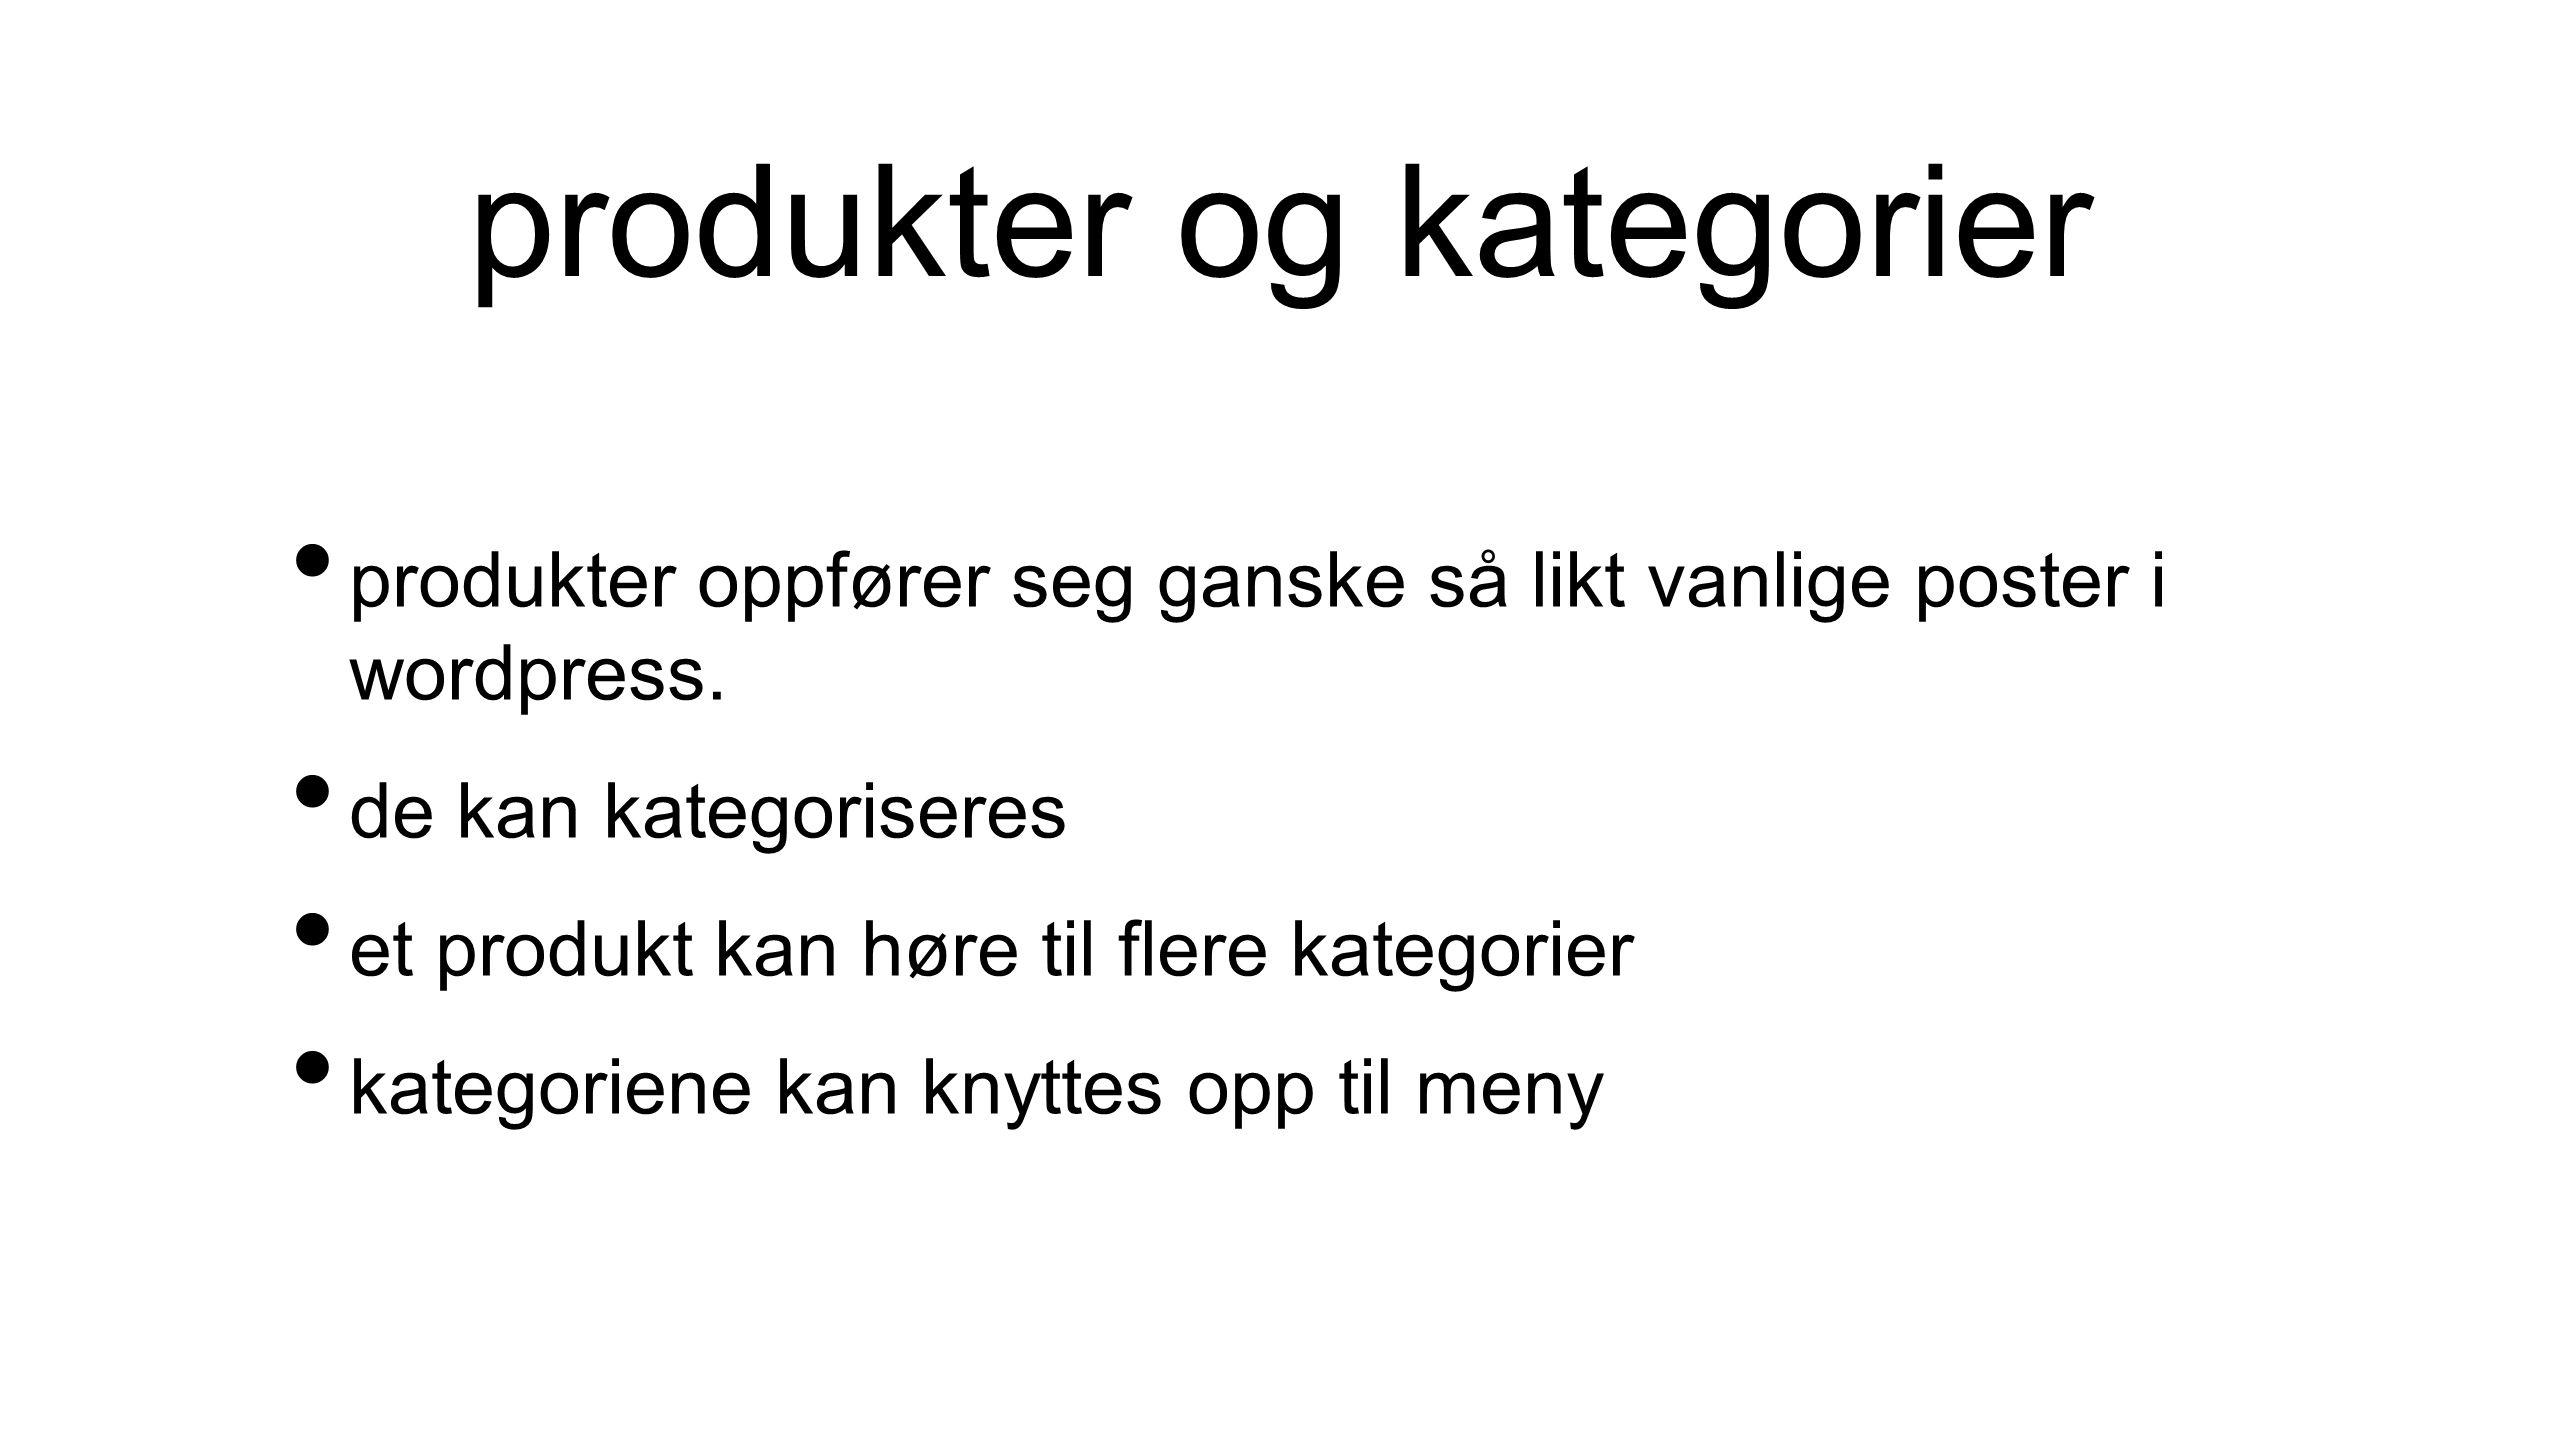 produkter og kategorier • produkter oppfører seg ganske så likt vanlige poster i wordpress. • de kan kategoriseres • et produkt kan høre til flere kat